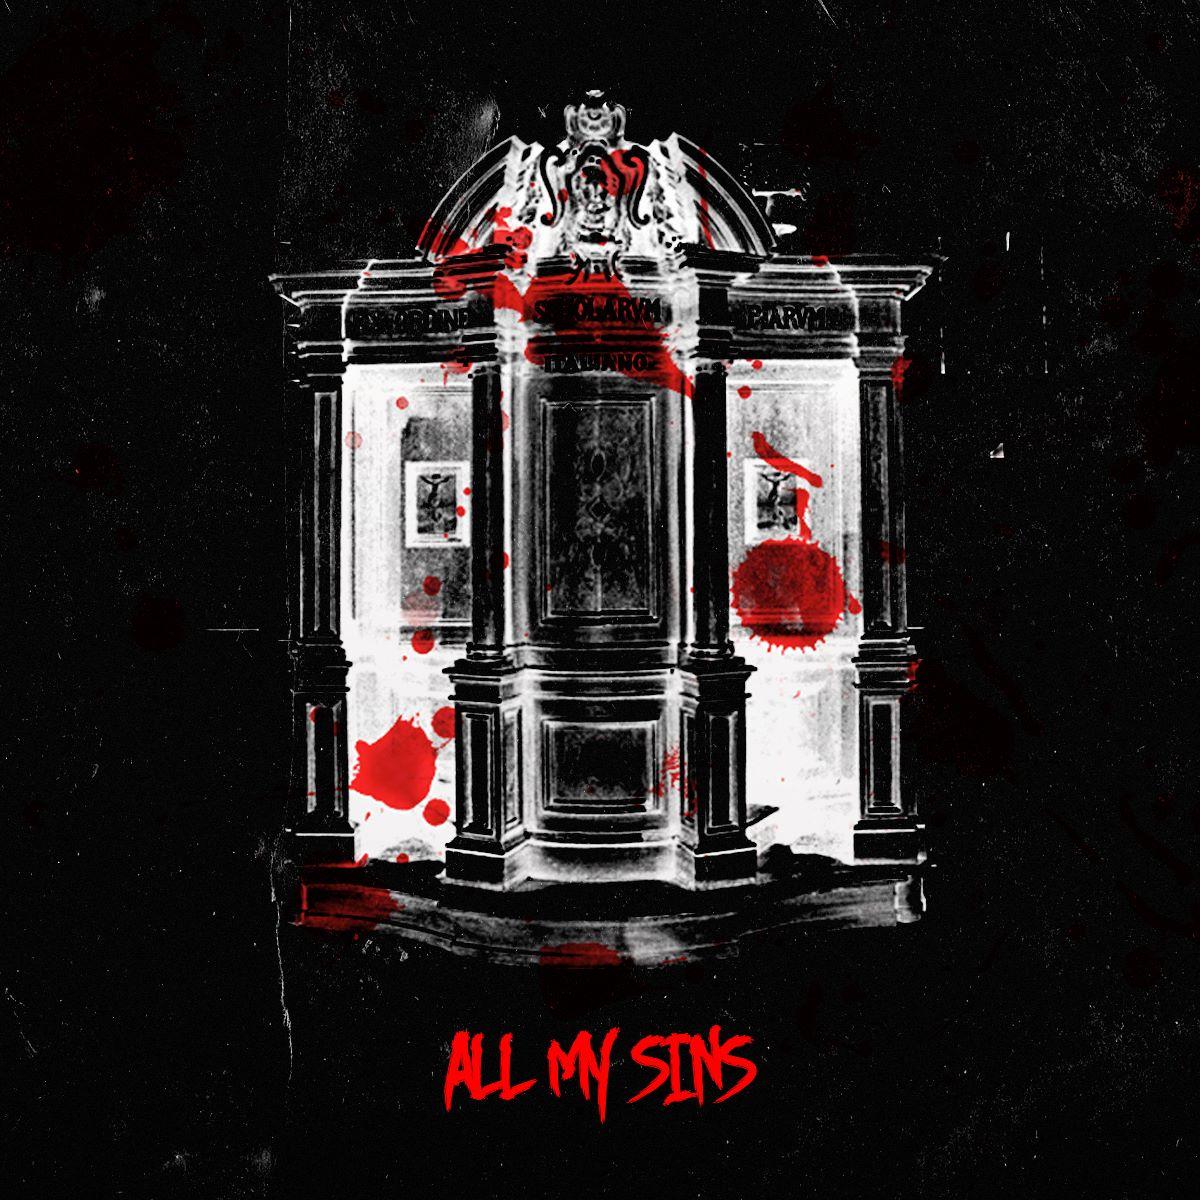 allmysins